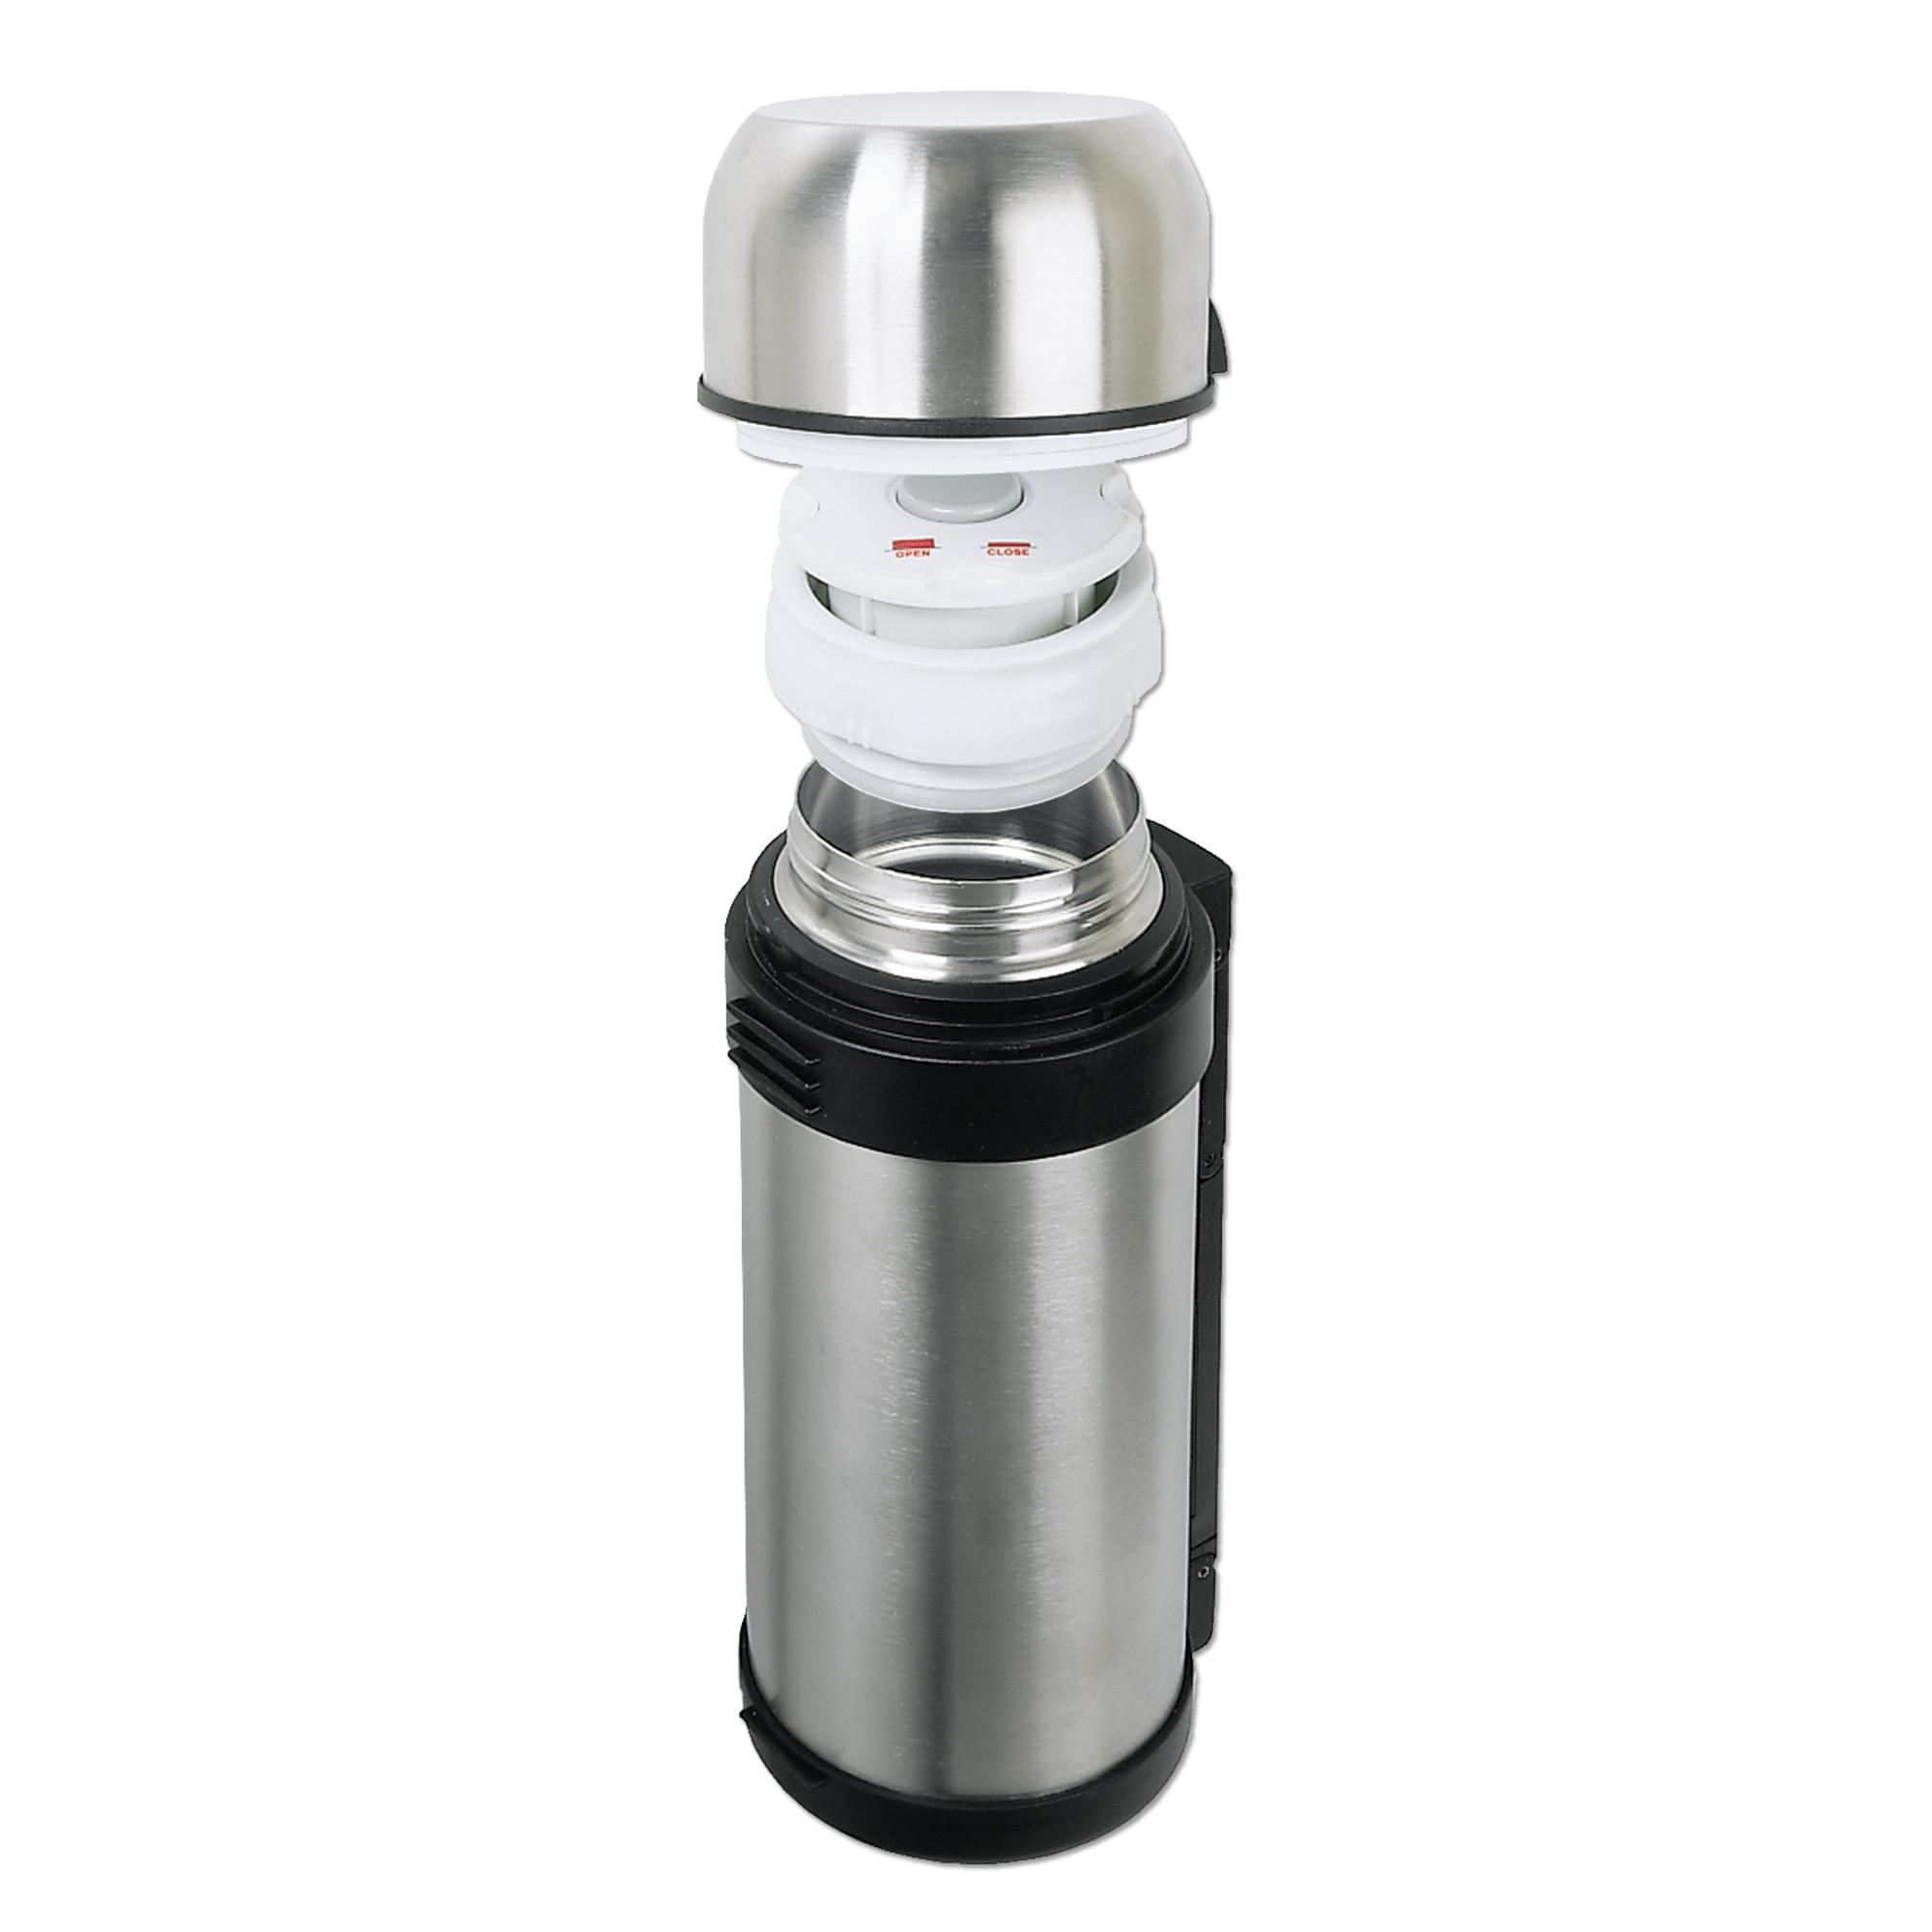 Borraccia termica in acciaio inox da 1 5 litri marca isosteel asmc avventura sicurezza - Normativa abbigliamento cucina ...